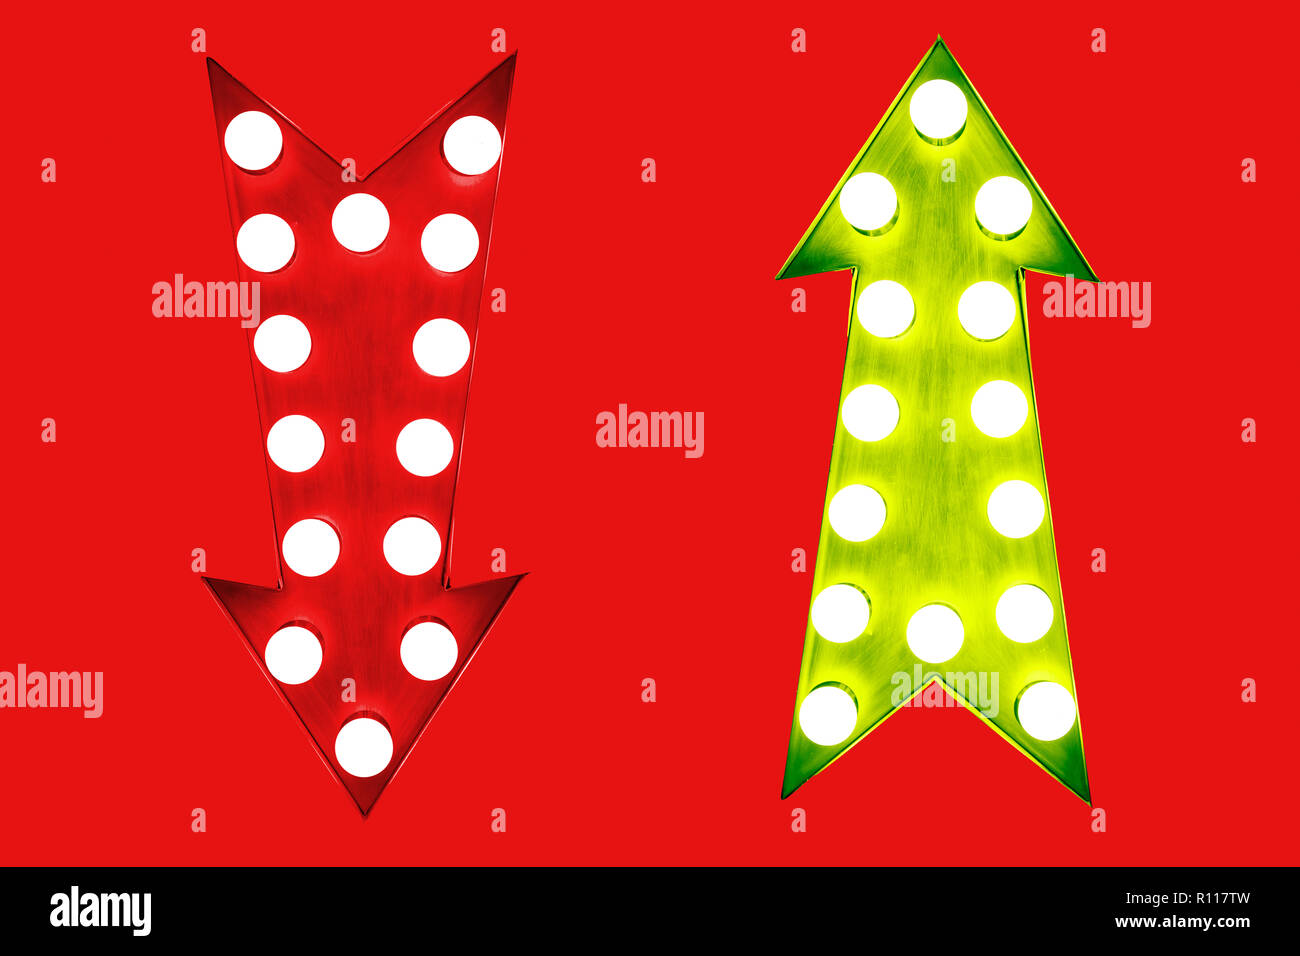 Avantages et inconvénients le rouge et vert jusqu'vintage retro éclairé flèches avec ampoules. Image Concept pour les avantages et les inconvénients, les risques et les possibilités Photo Stock